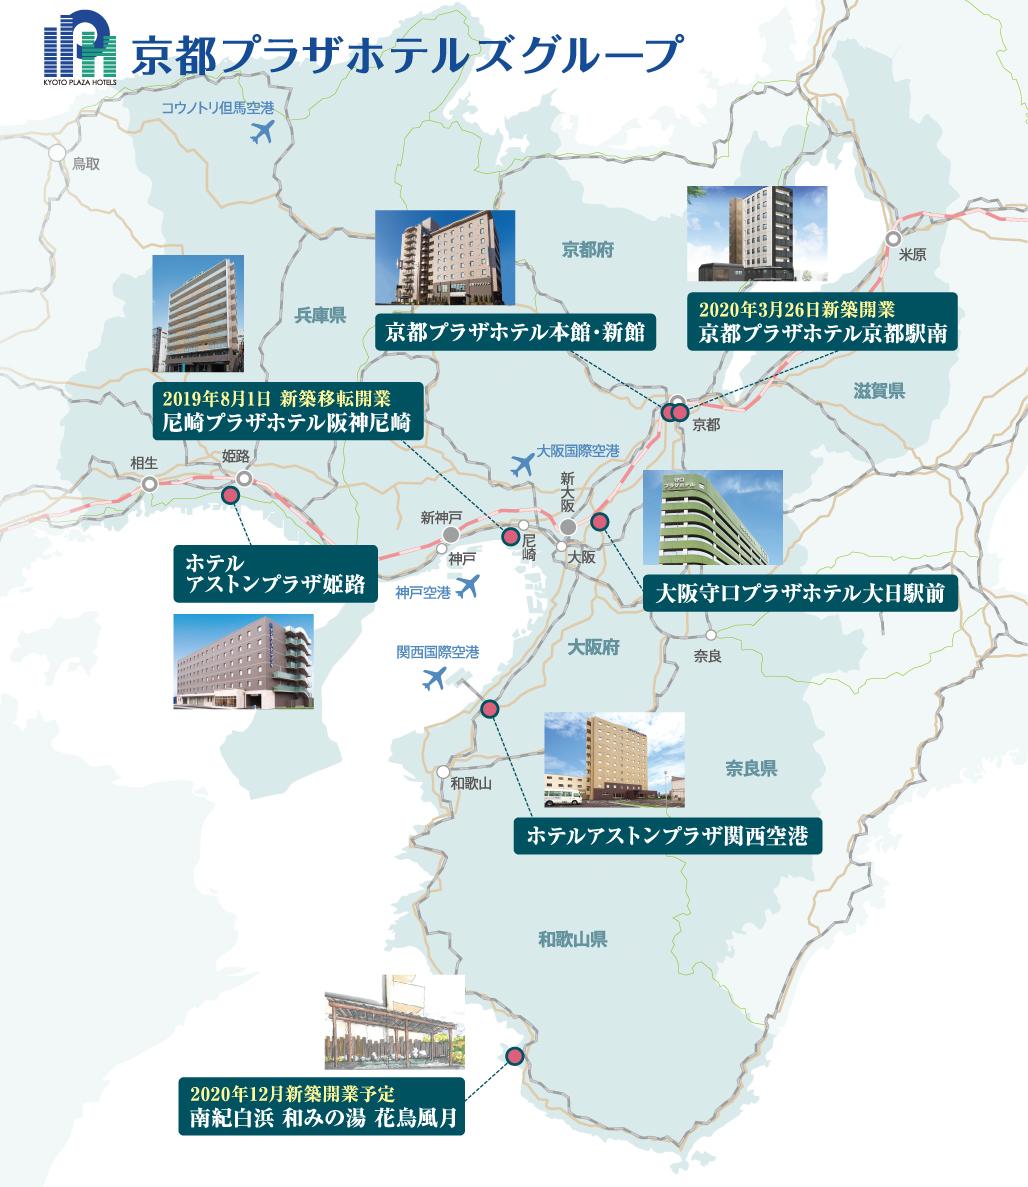 ホテル 京都 本館 プラザ